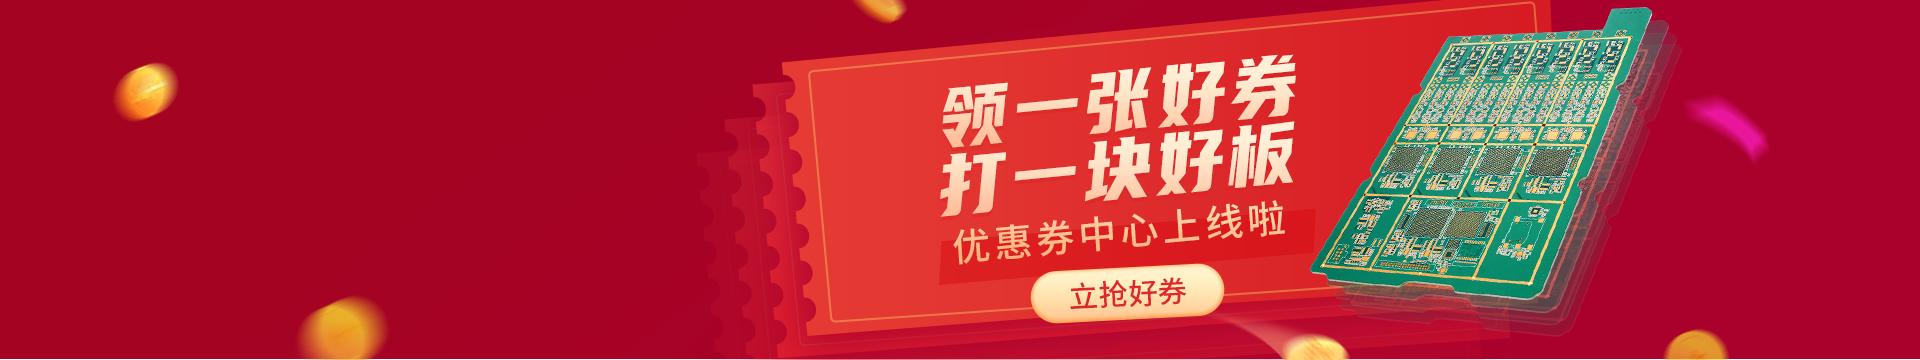 優惠券專區banner